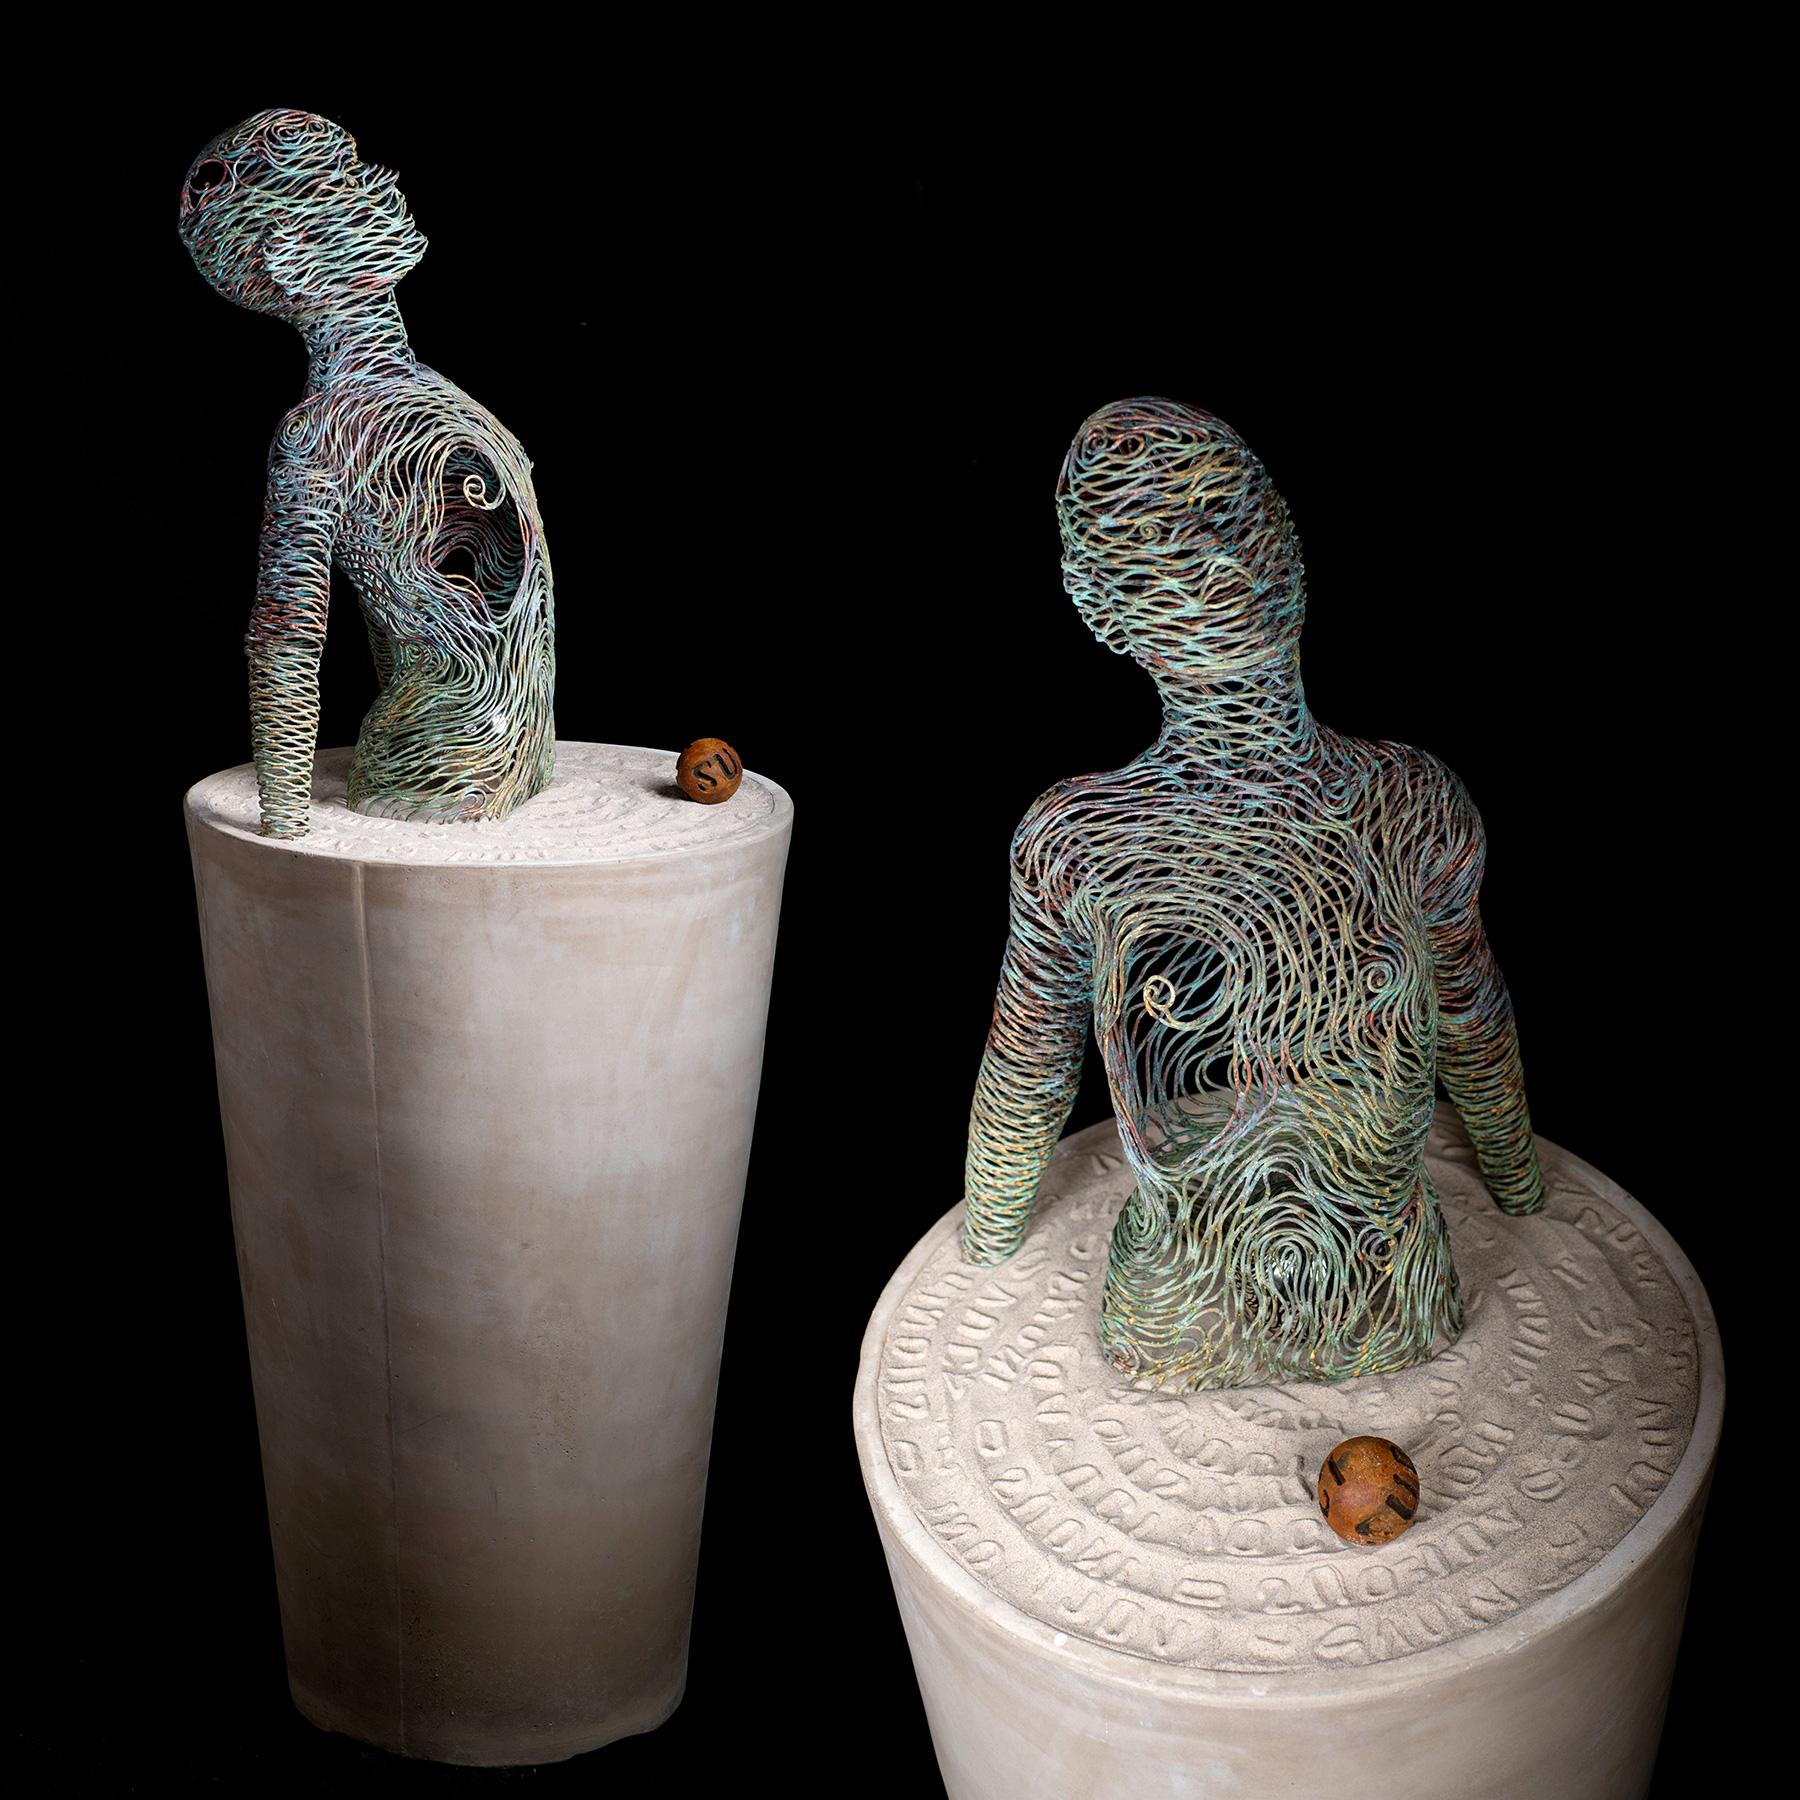 Bonzanos A.G., Sete di vivere, Scultura in tubolare di rame saldato a mano, 172x64x65 cm, 2017. Collezione privata.